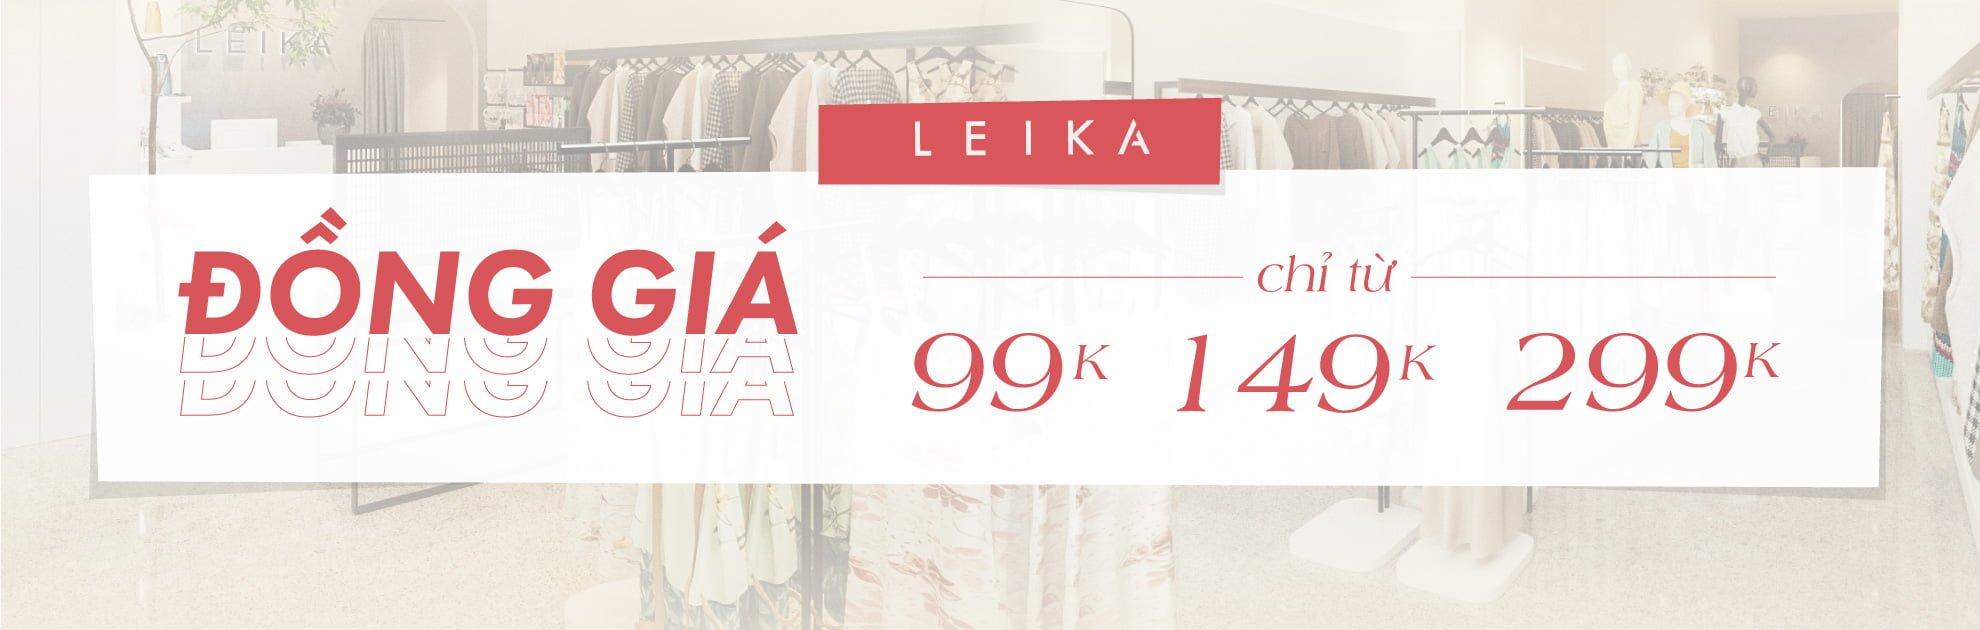 Leika đồng giá chỉ từ 99K